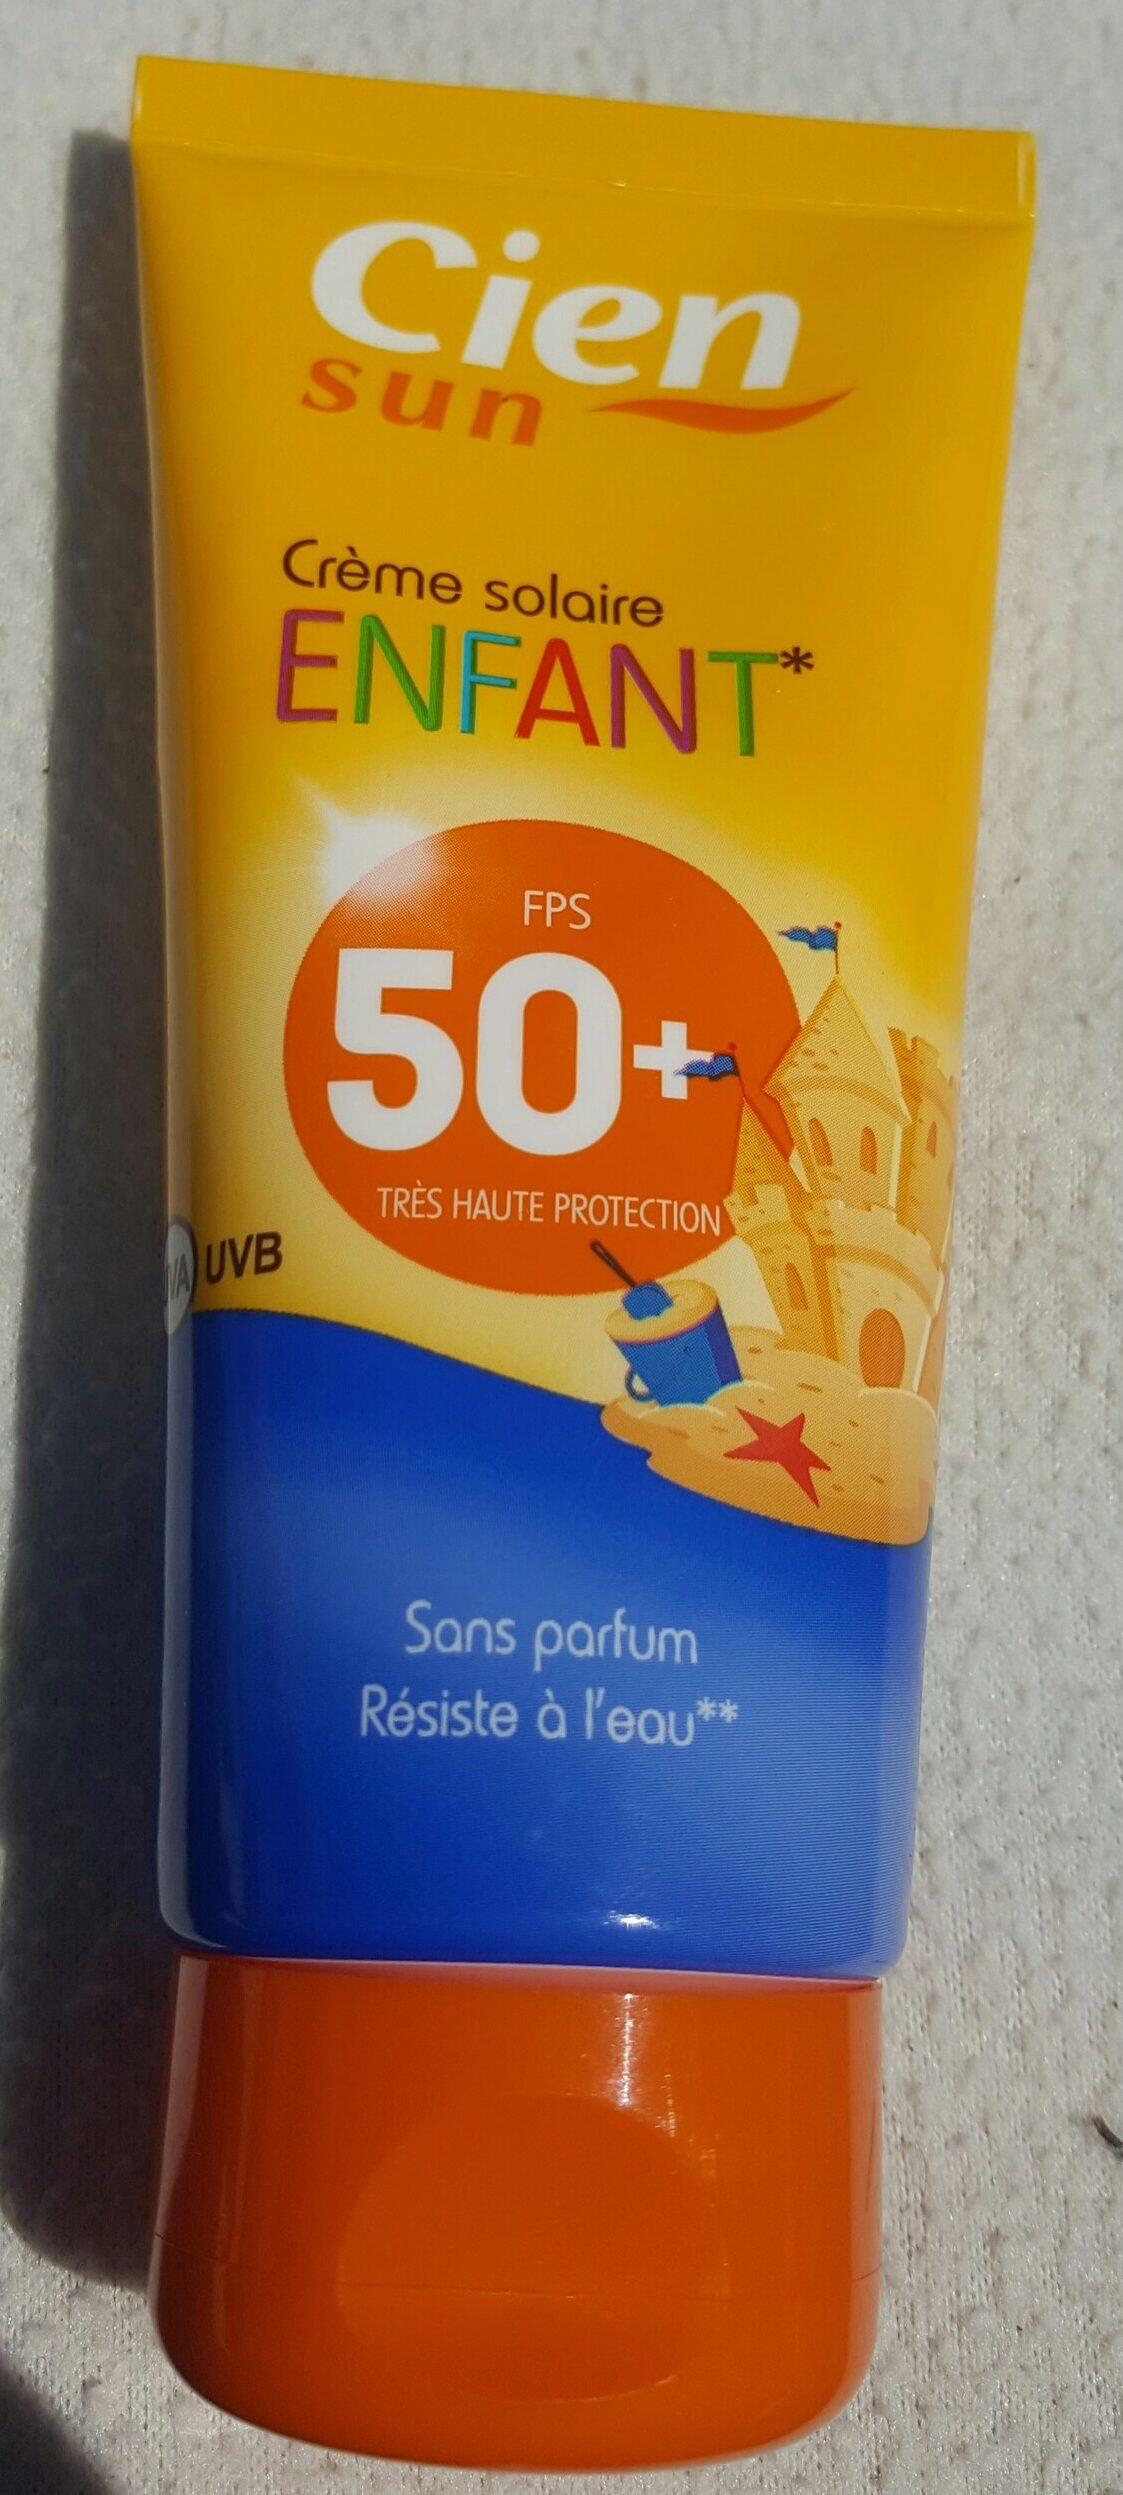 Crème solaire enfant FPS50+ - Product - fr